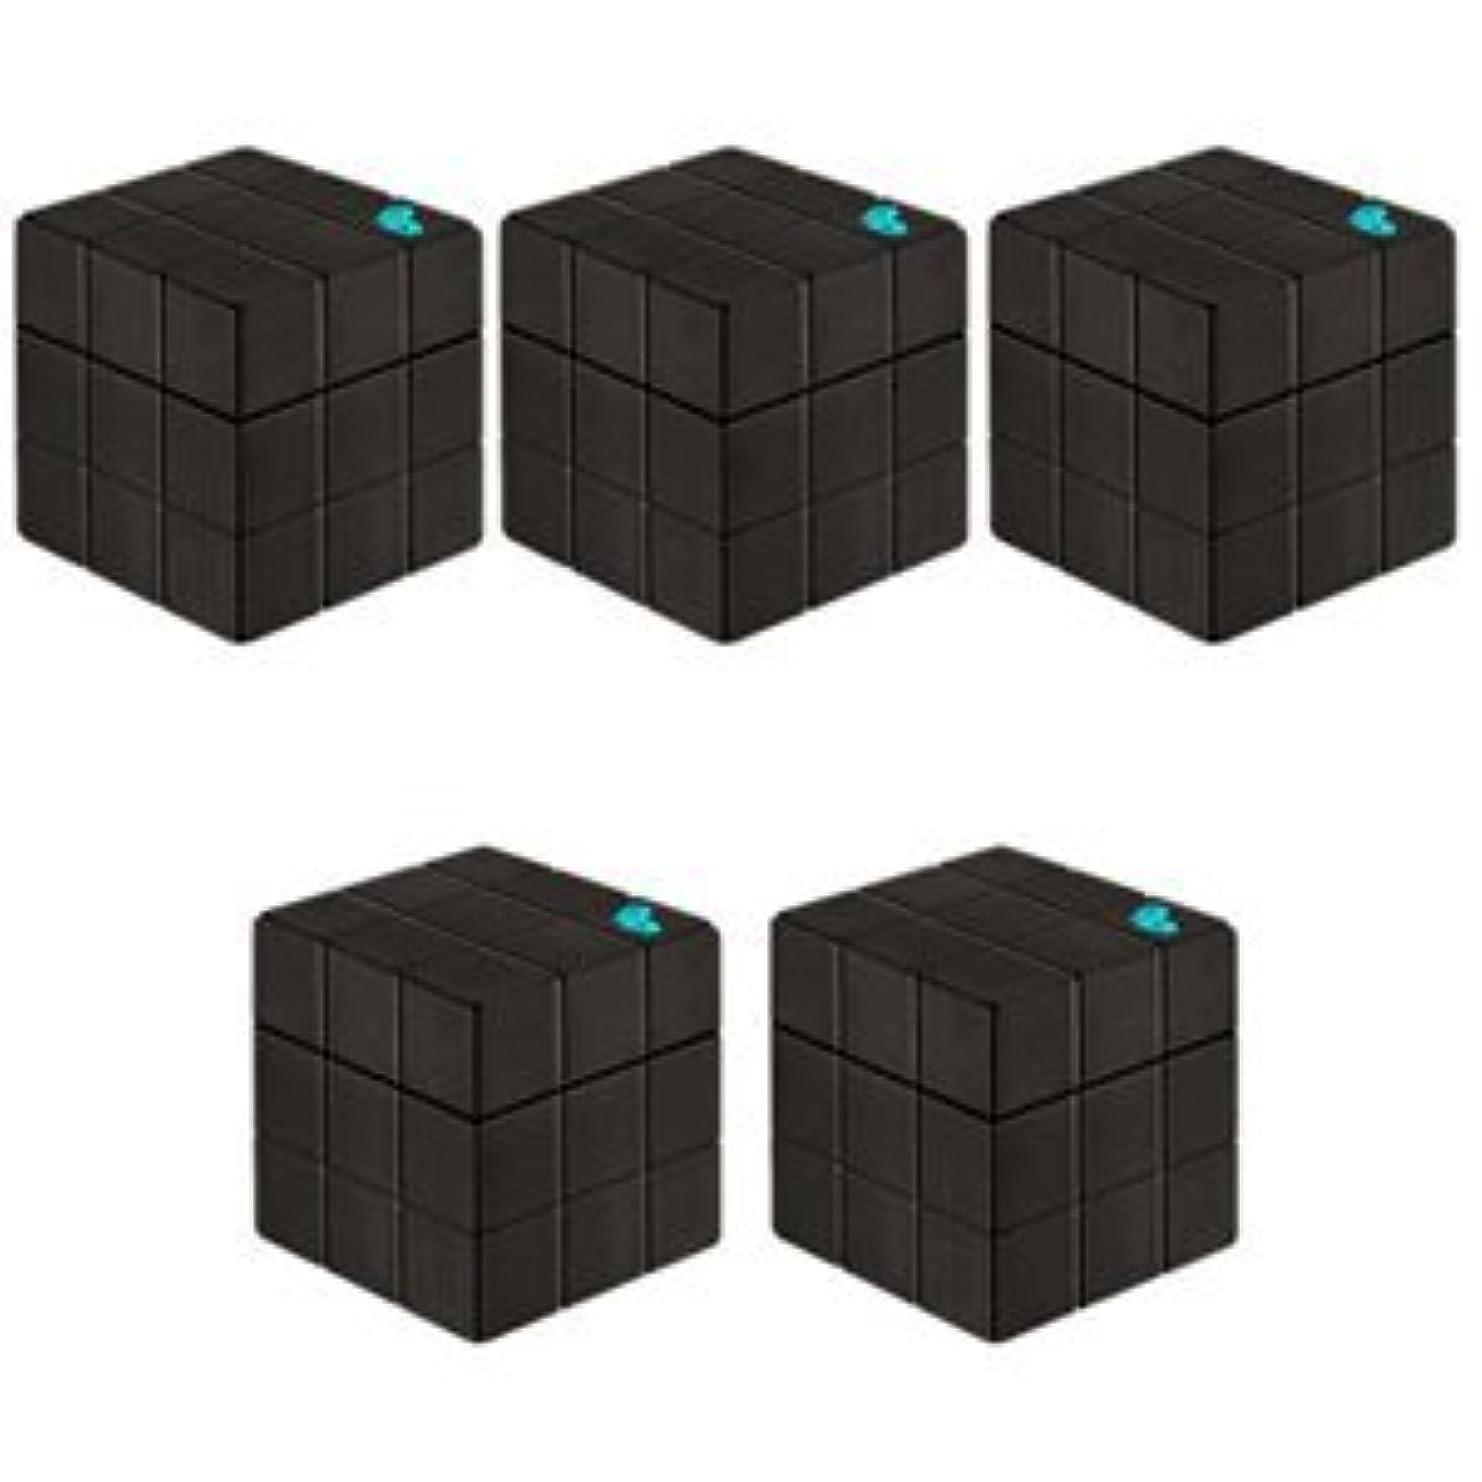 驚くべき条件付き援助【X5個セット】 アリミノ ピース プロデザインシリーズ フリーズキープワックス ブラック 80g ARIMINO